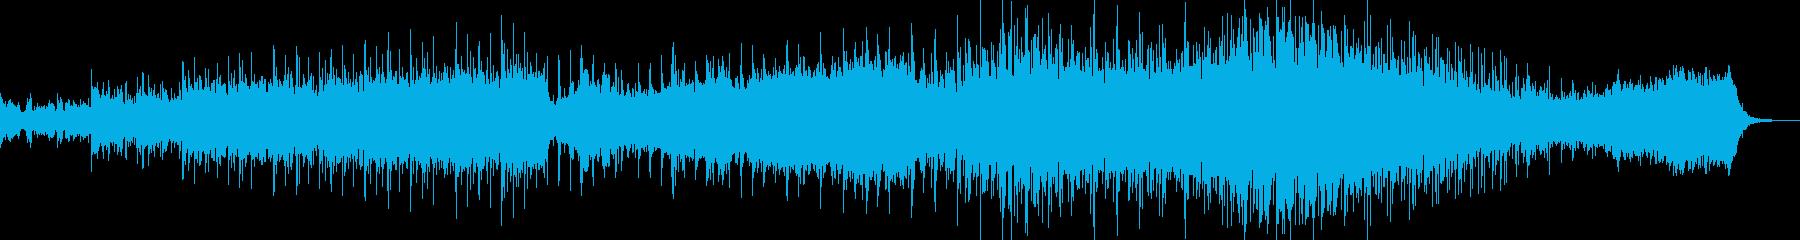 コーラスによる背景的音楽の再生済みの波形